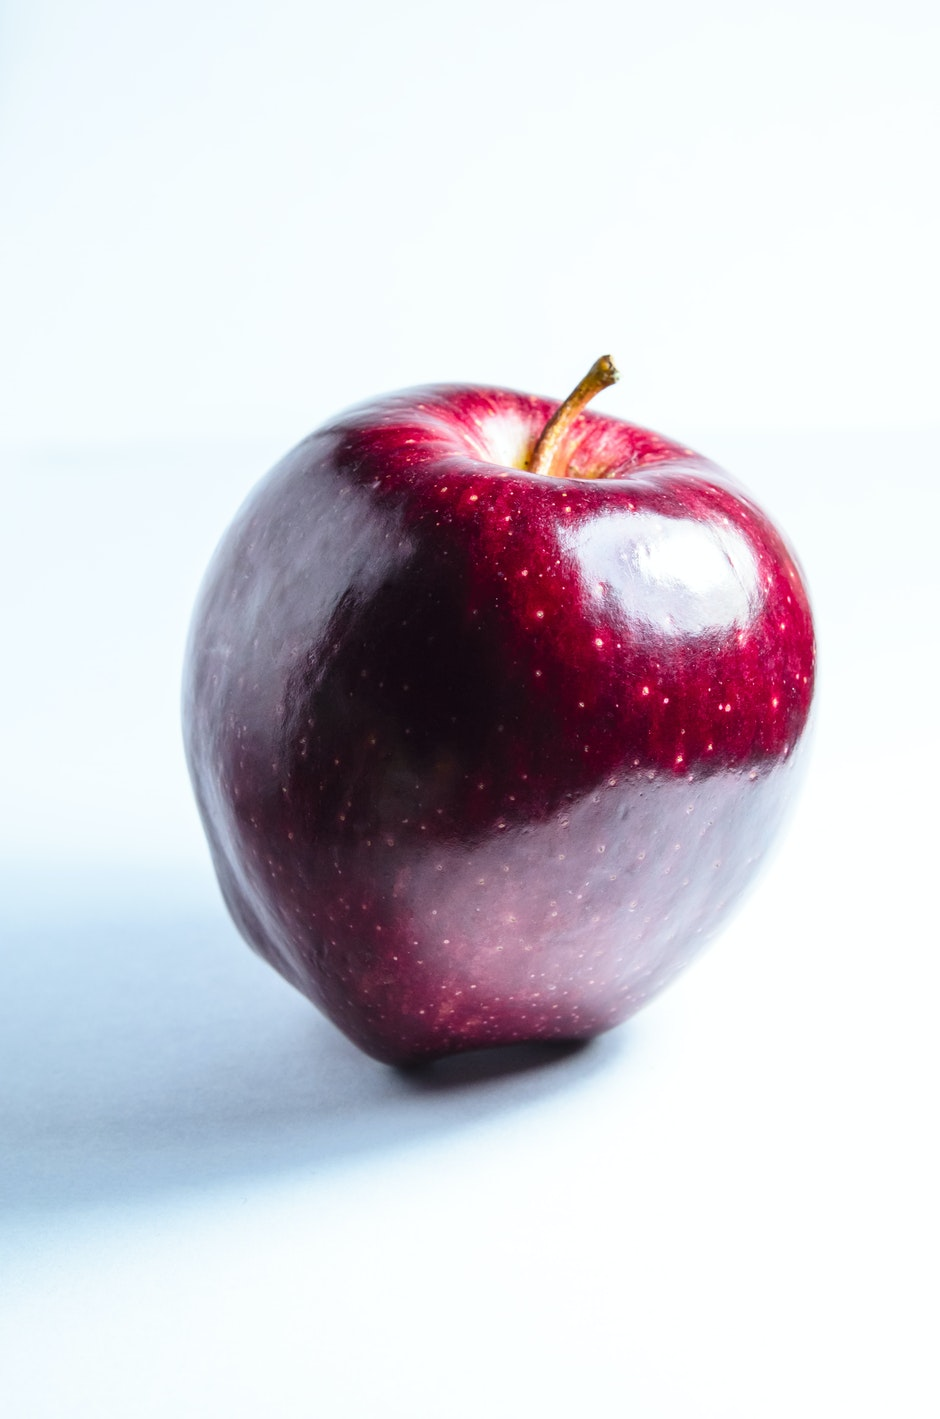 apple, delicious, food